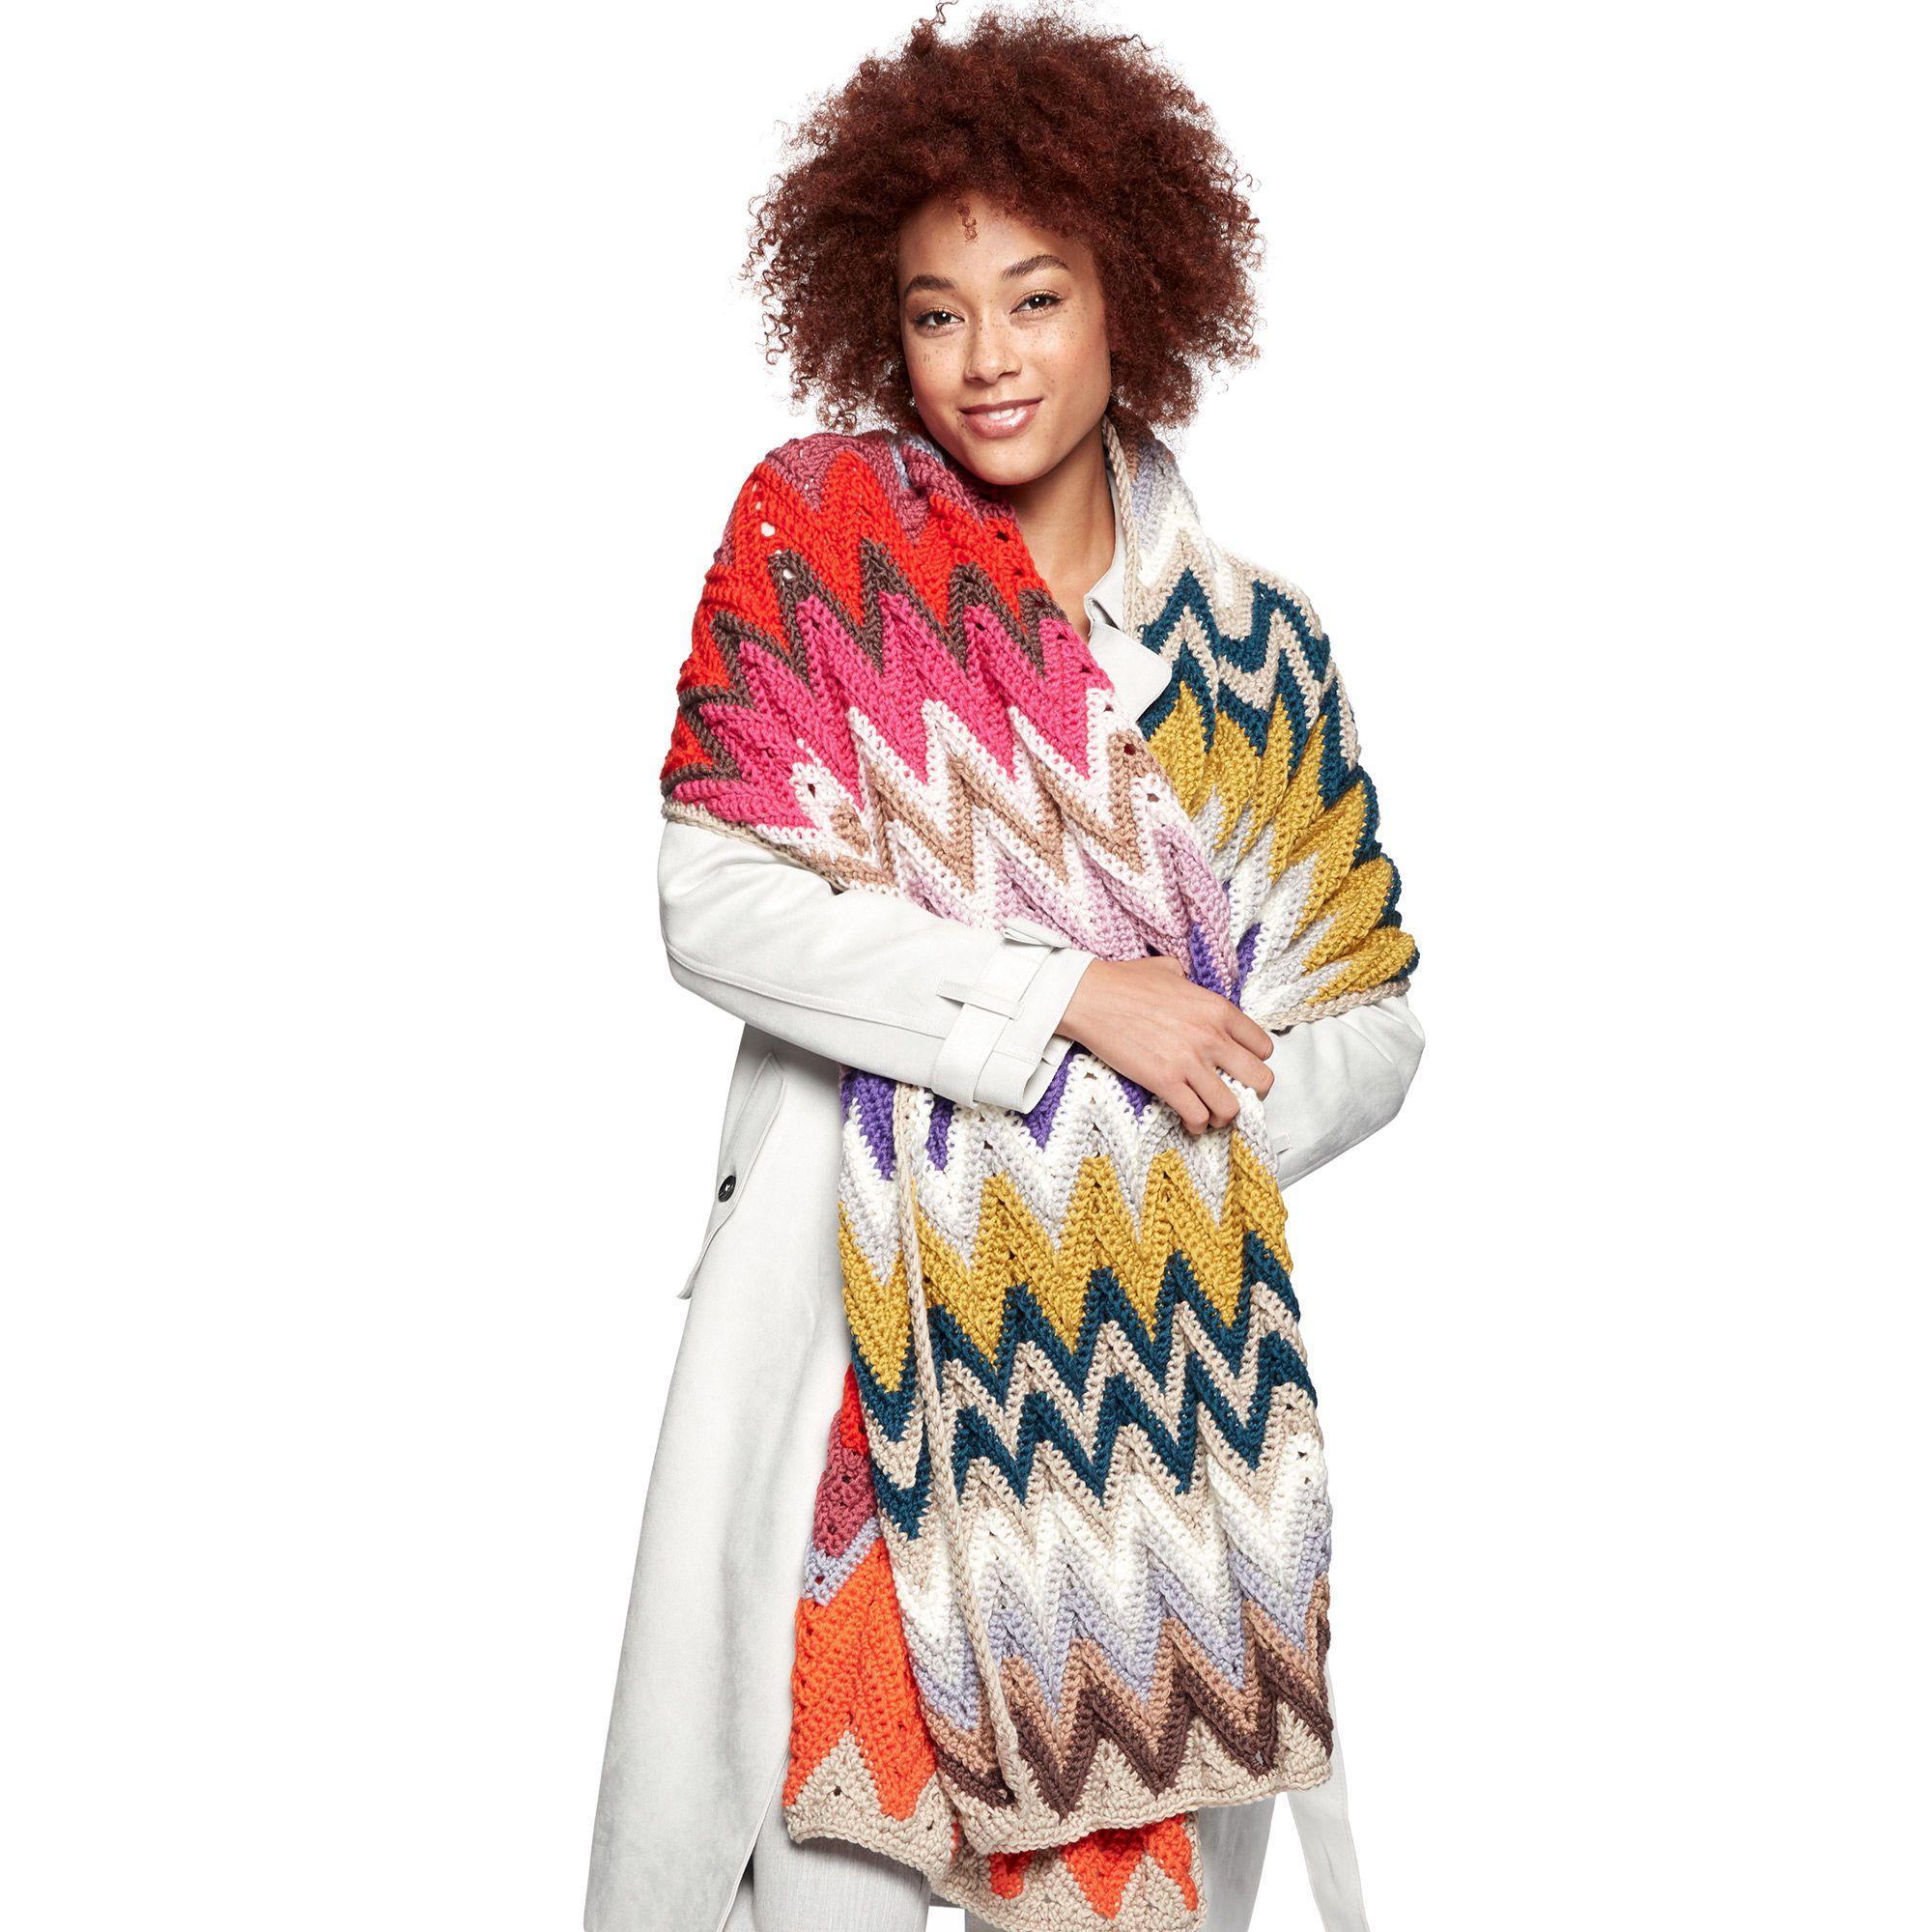 Caron x Pantone Crochet Zig-Zag Rectangular Shawl Pattern ...